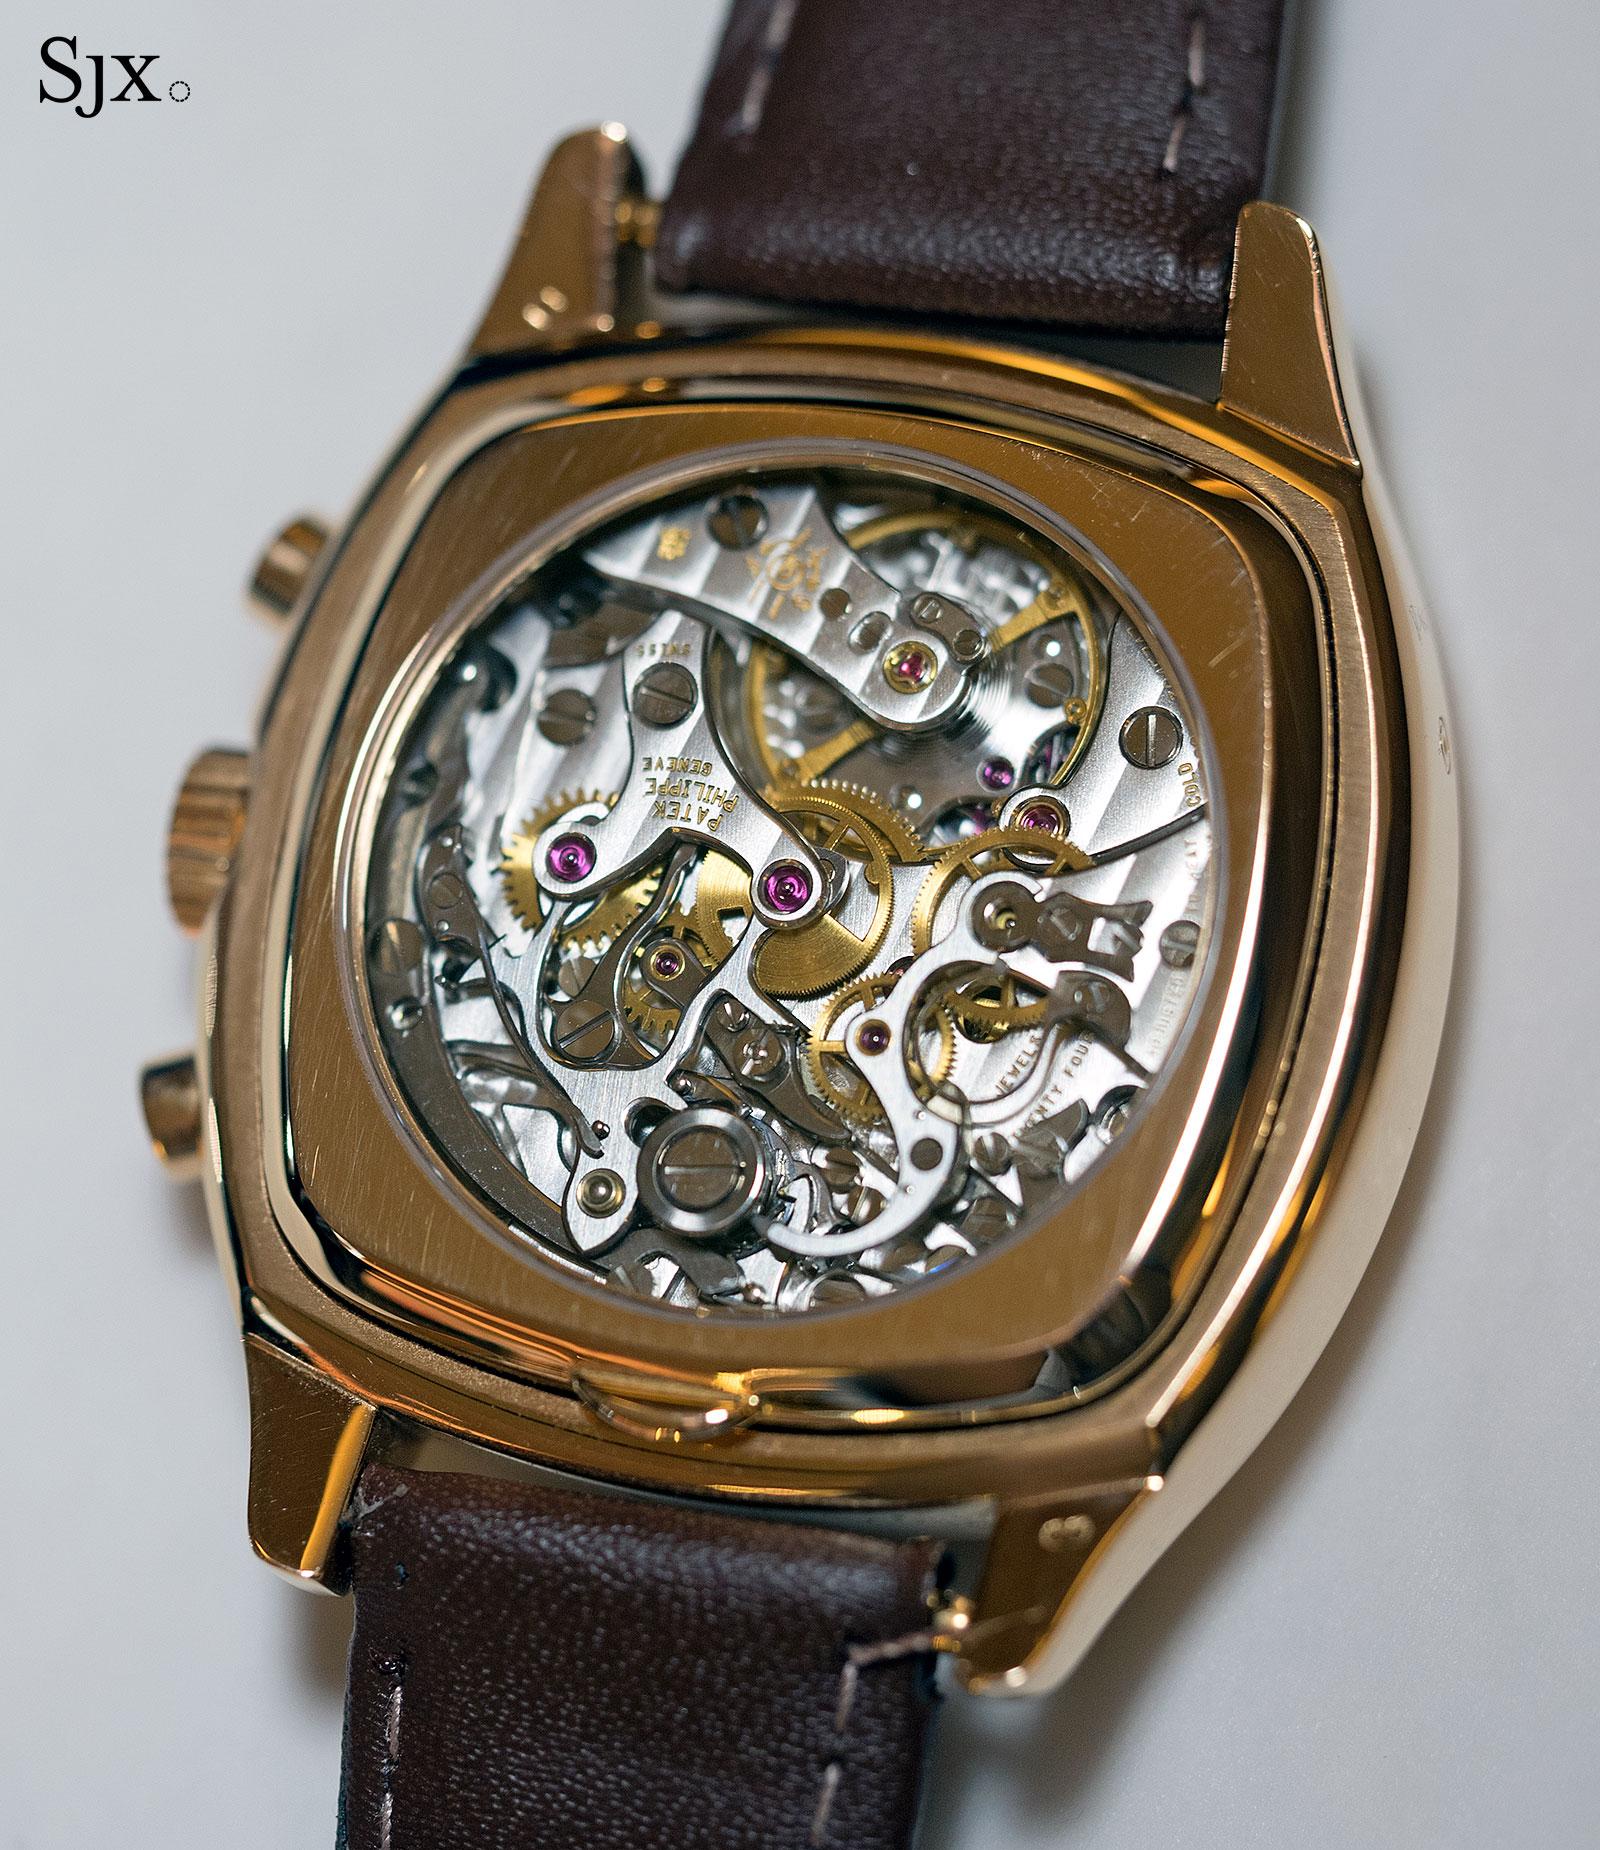 Patek Philippe 5020 rose gold 6